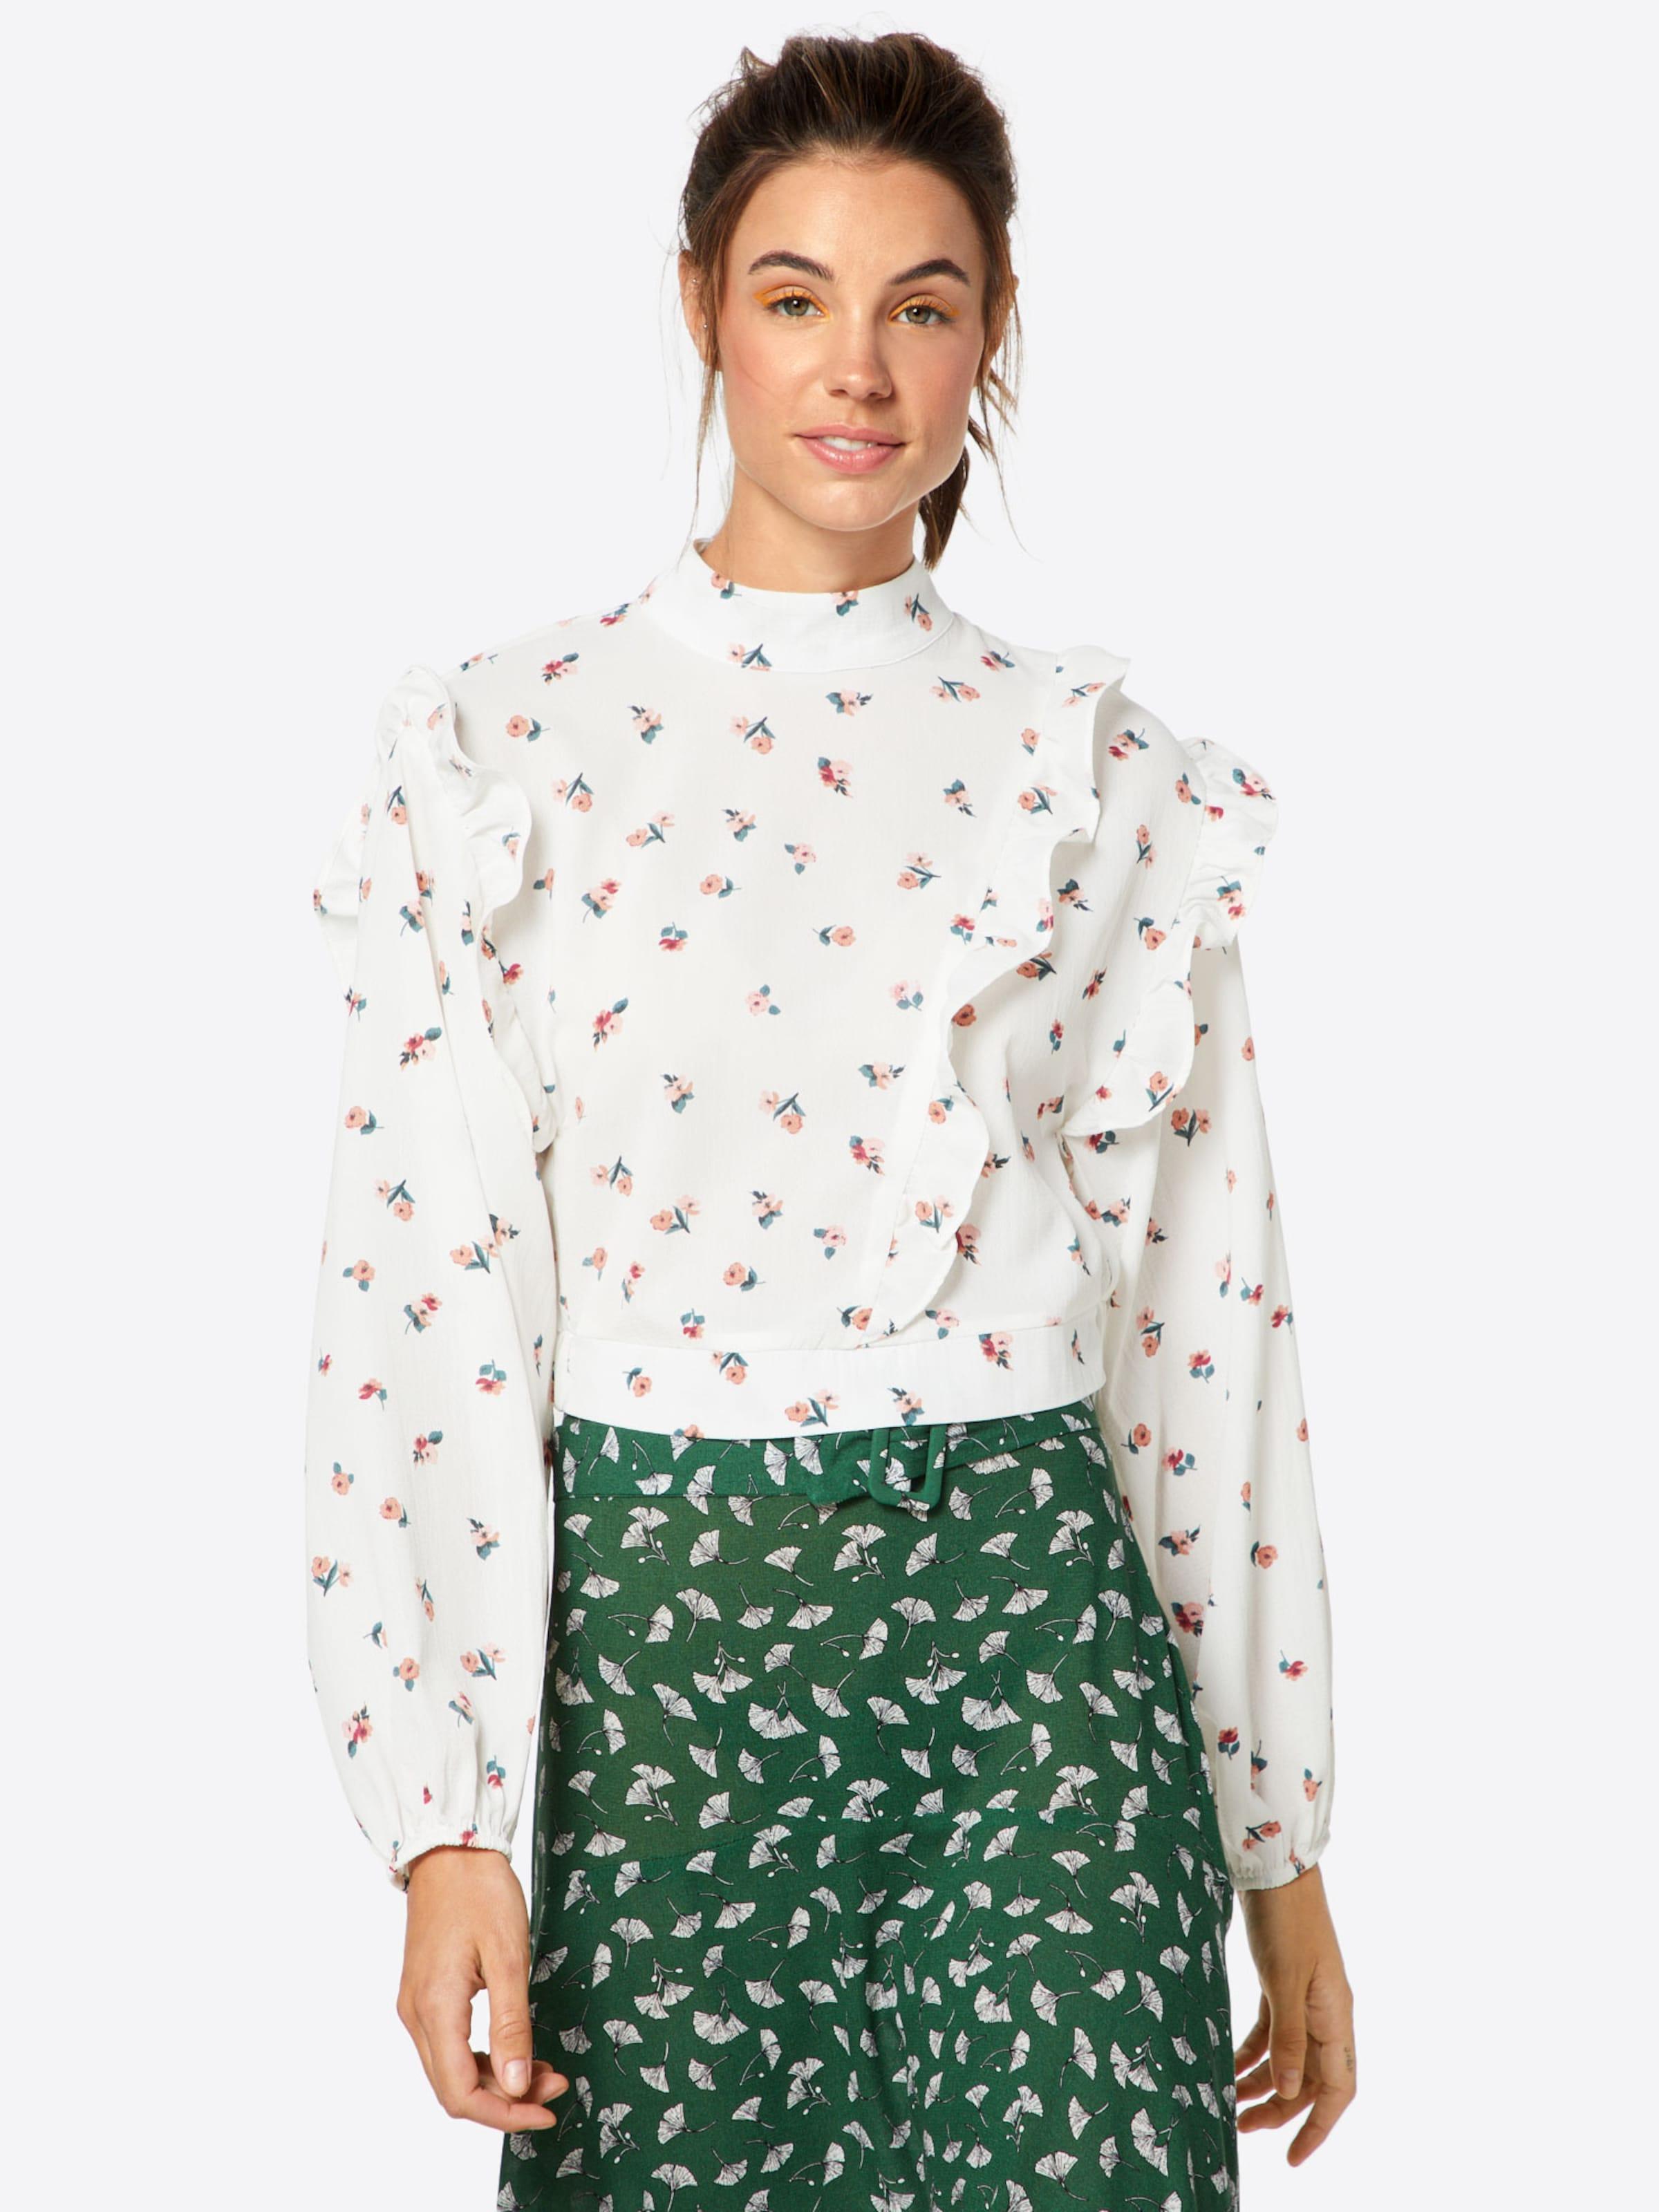 Union Union Fashion In ApricotWeiß Fashion Bluse Bluse In ApricotWeiß Union Bluse Fashion j3R54ALq